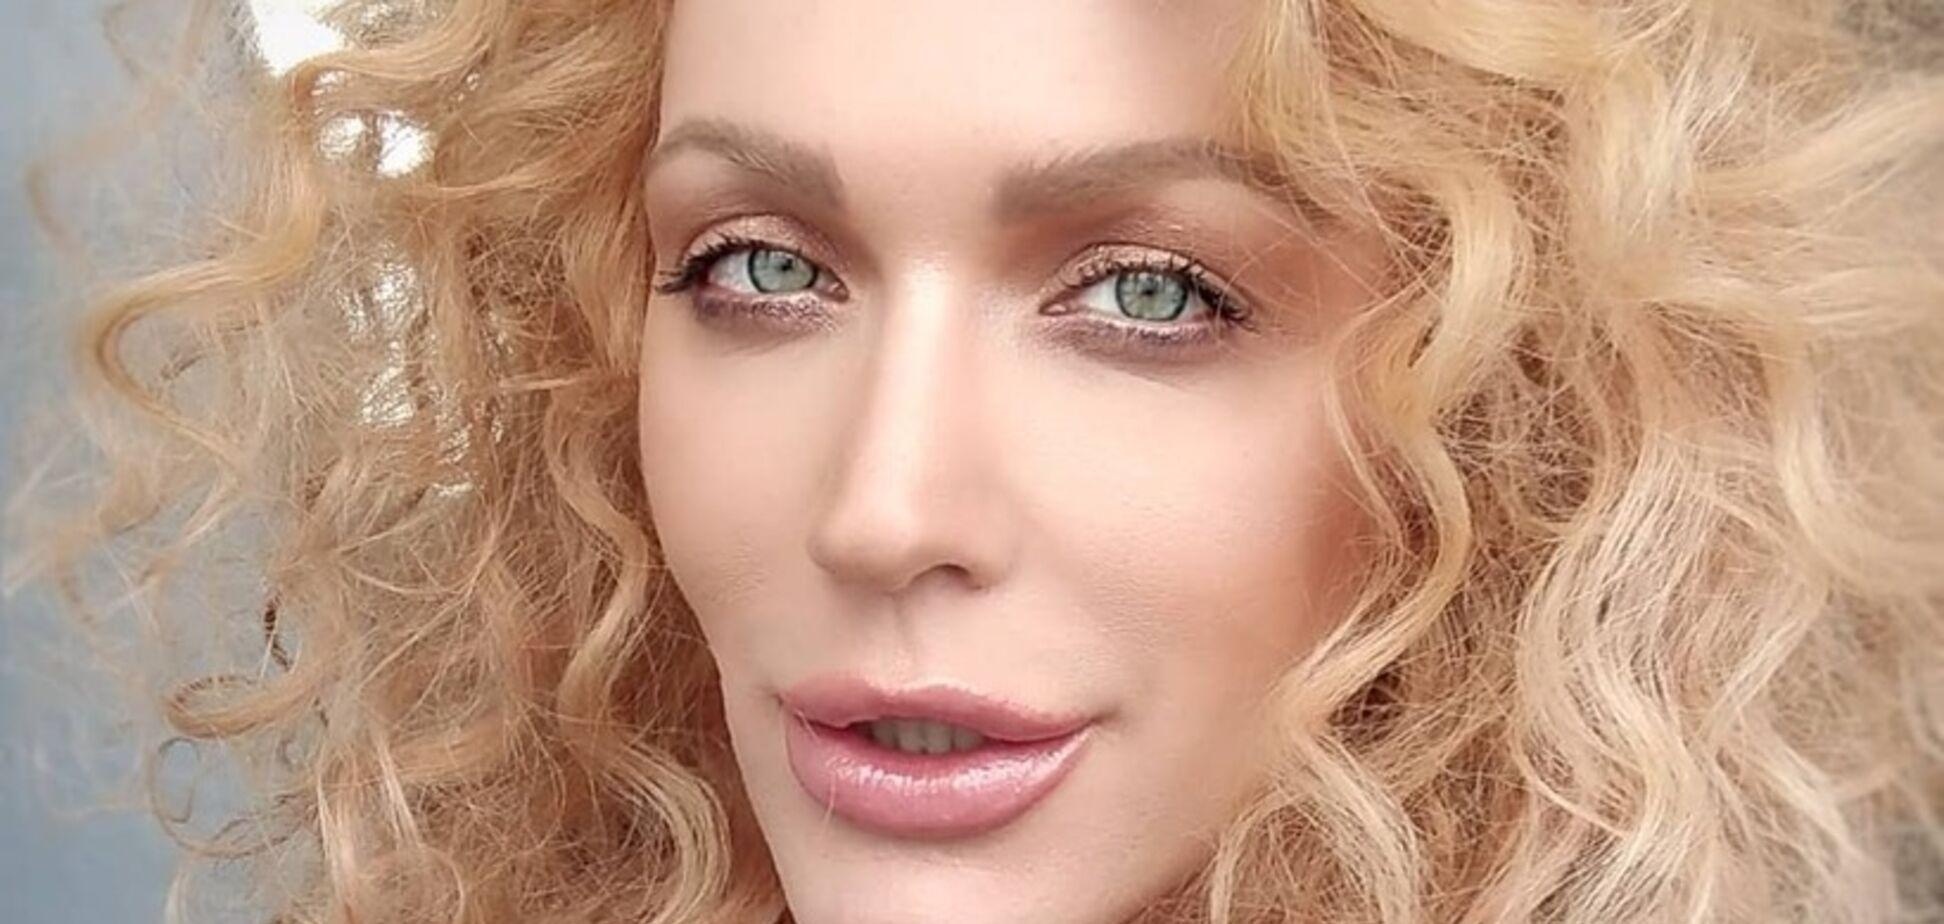 Популярна в Україні травесті-діва запаморочила голову пікантною фотосесією